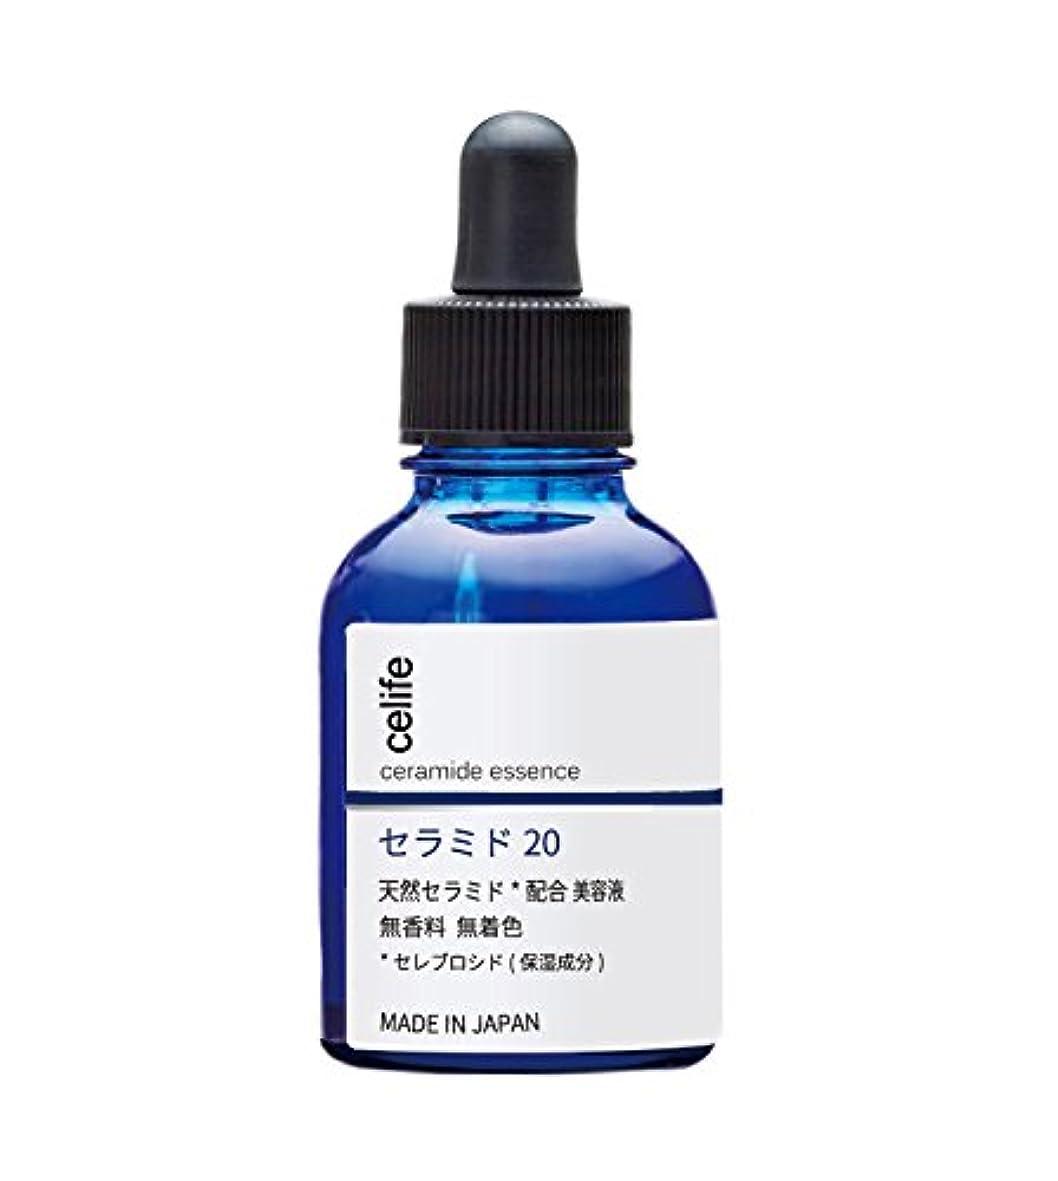 枯渇のれん険しい天然セラミド配合美容液 セラミド 20